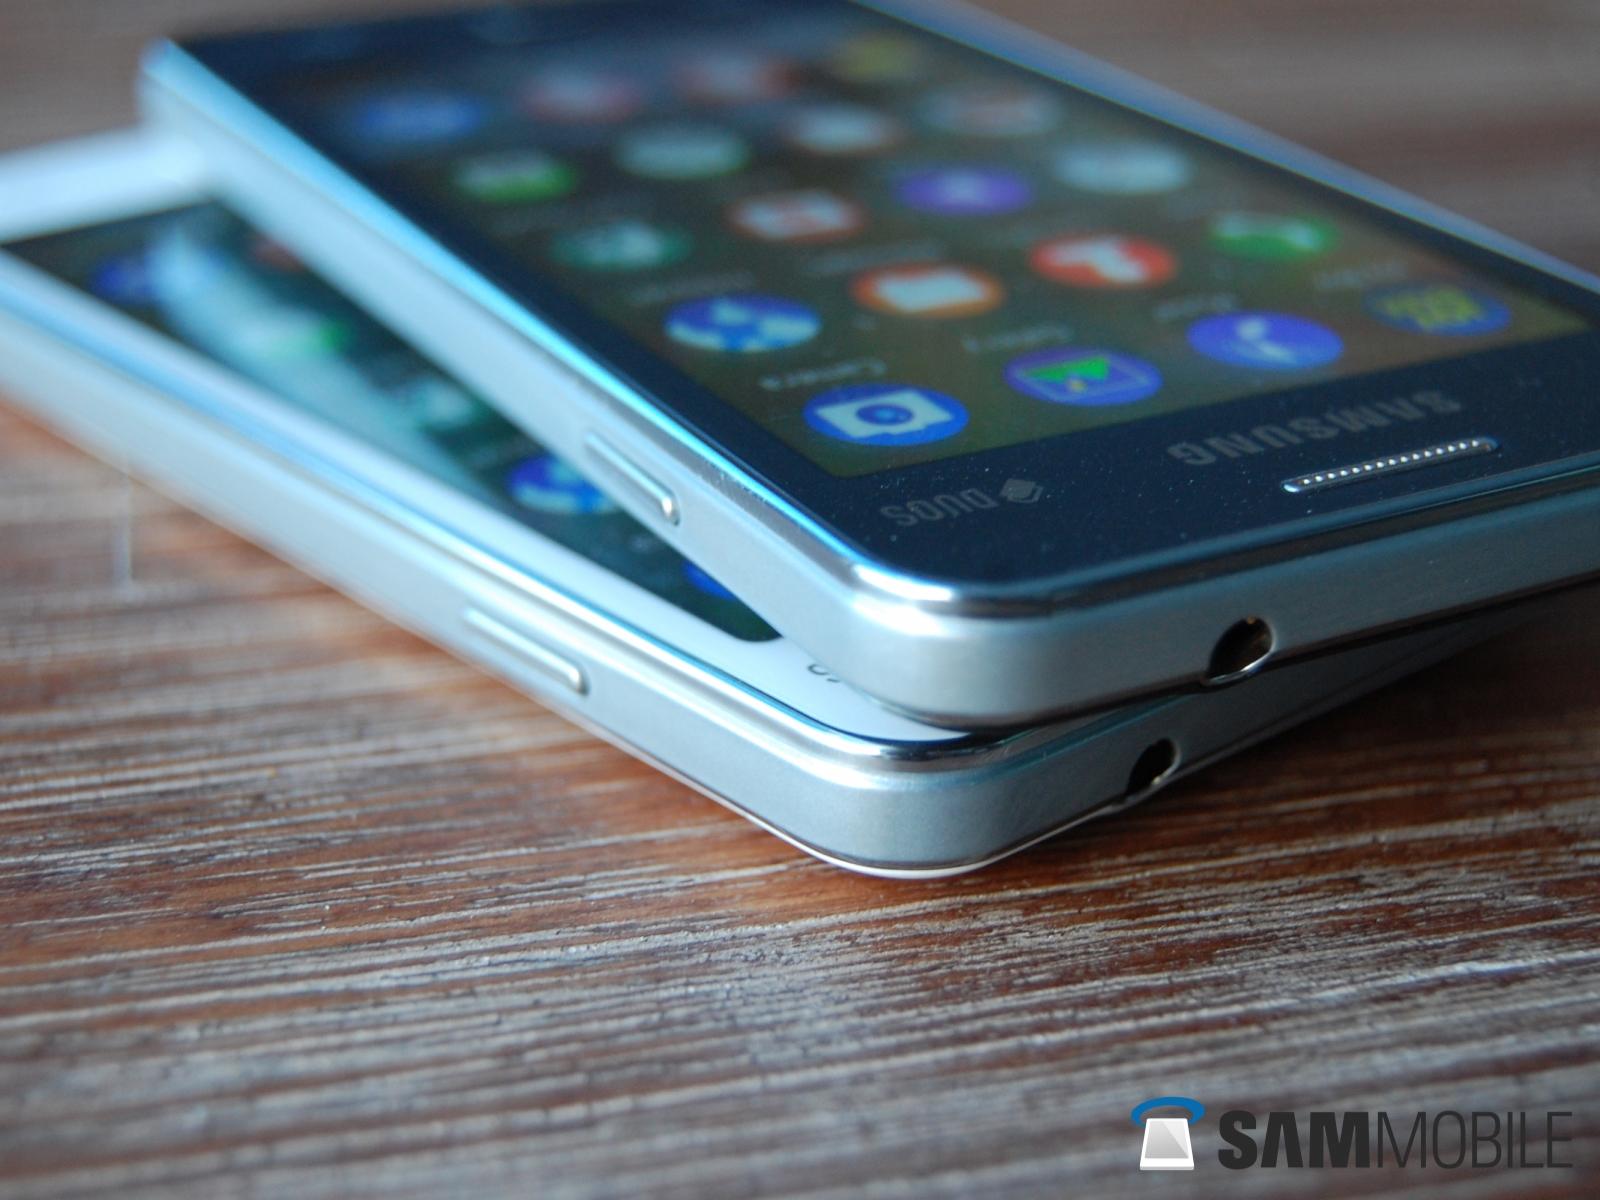 Tizen Based Samsung Z1 Launches In Nepal Sammobile Sammobile